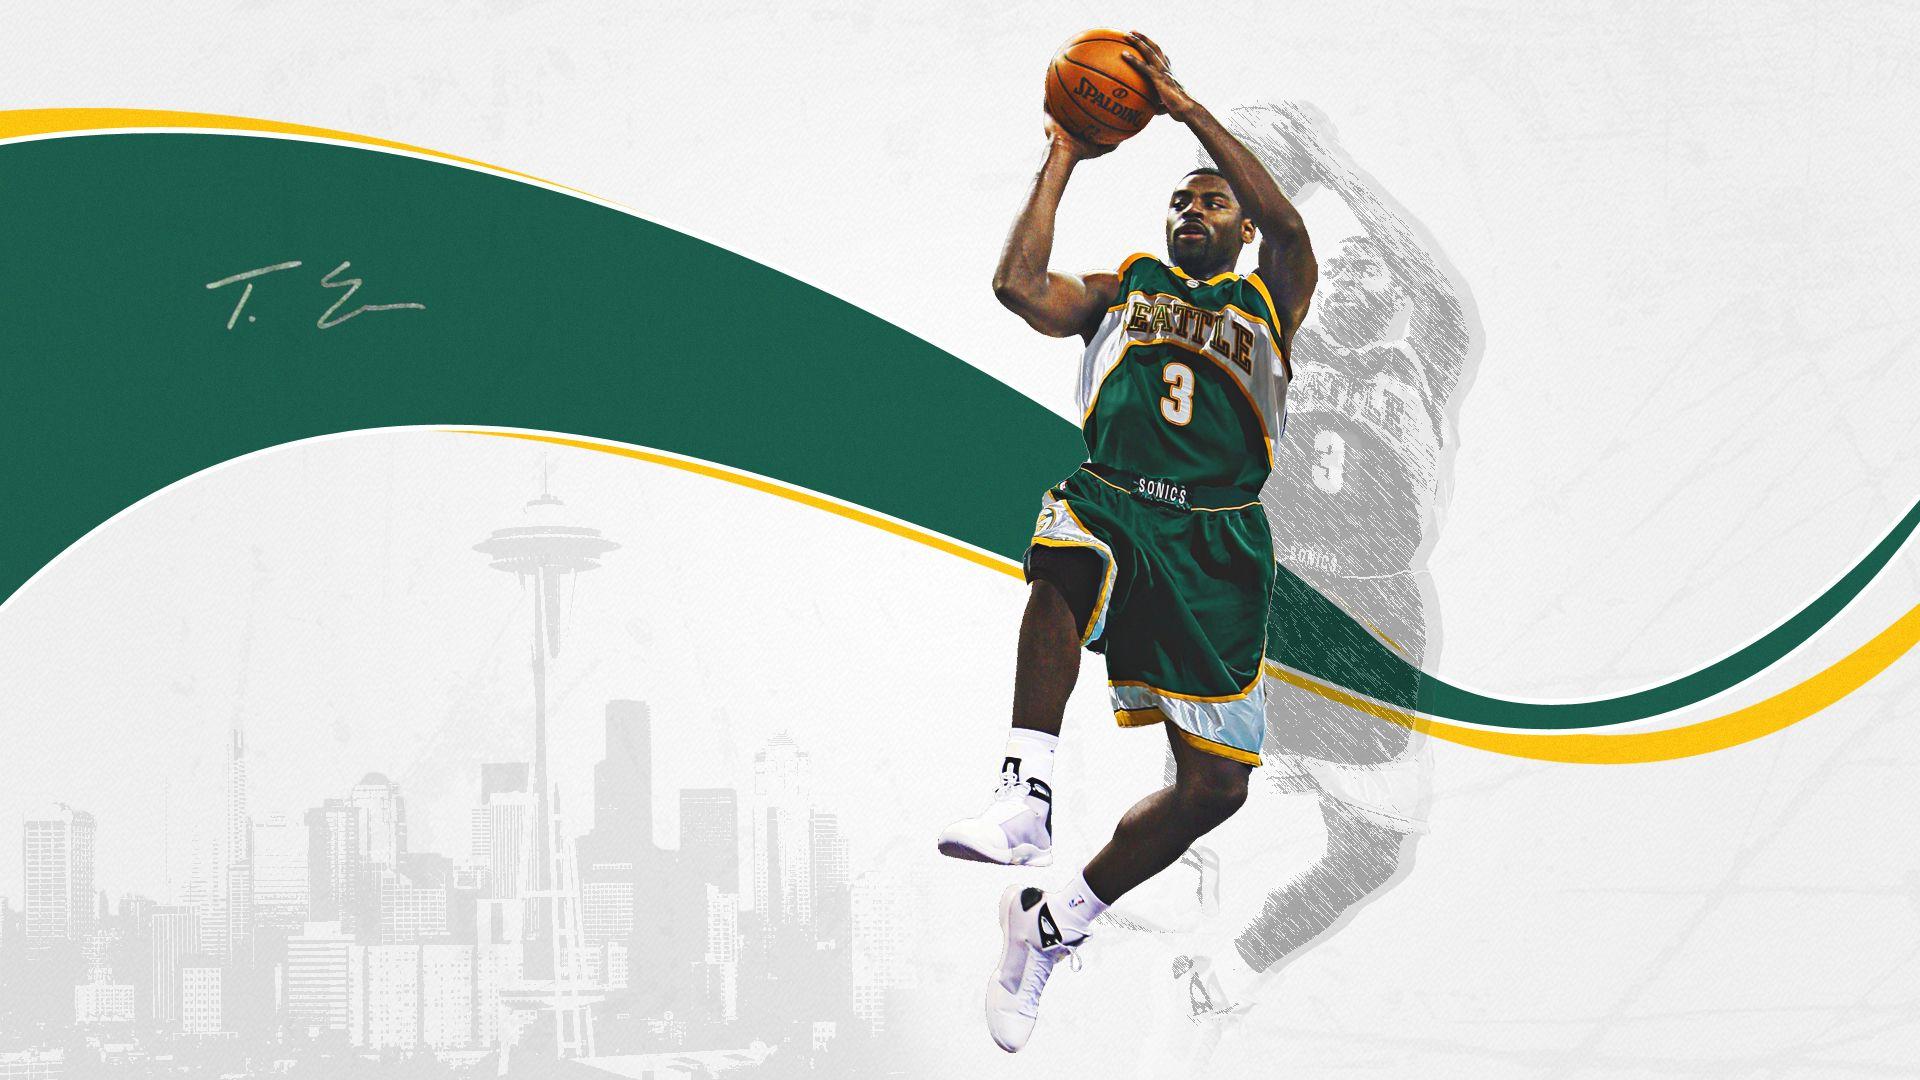 Nike Basketball High Quality